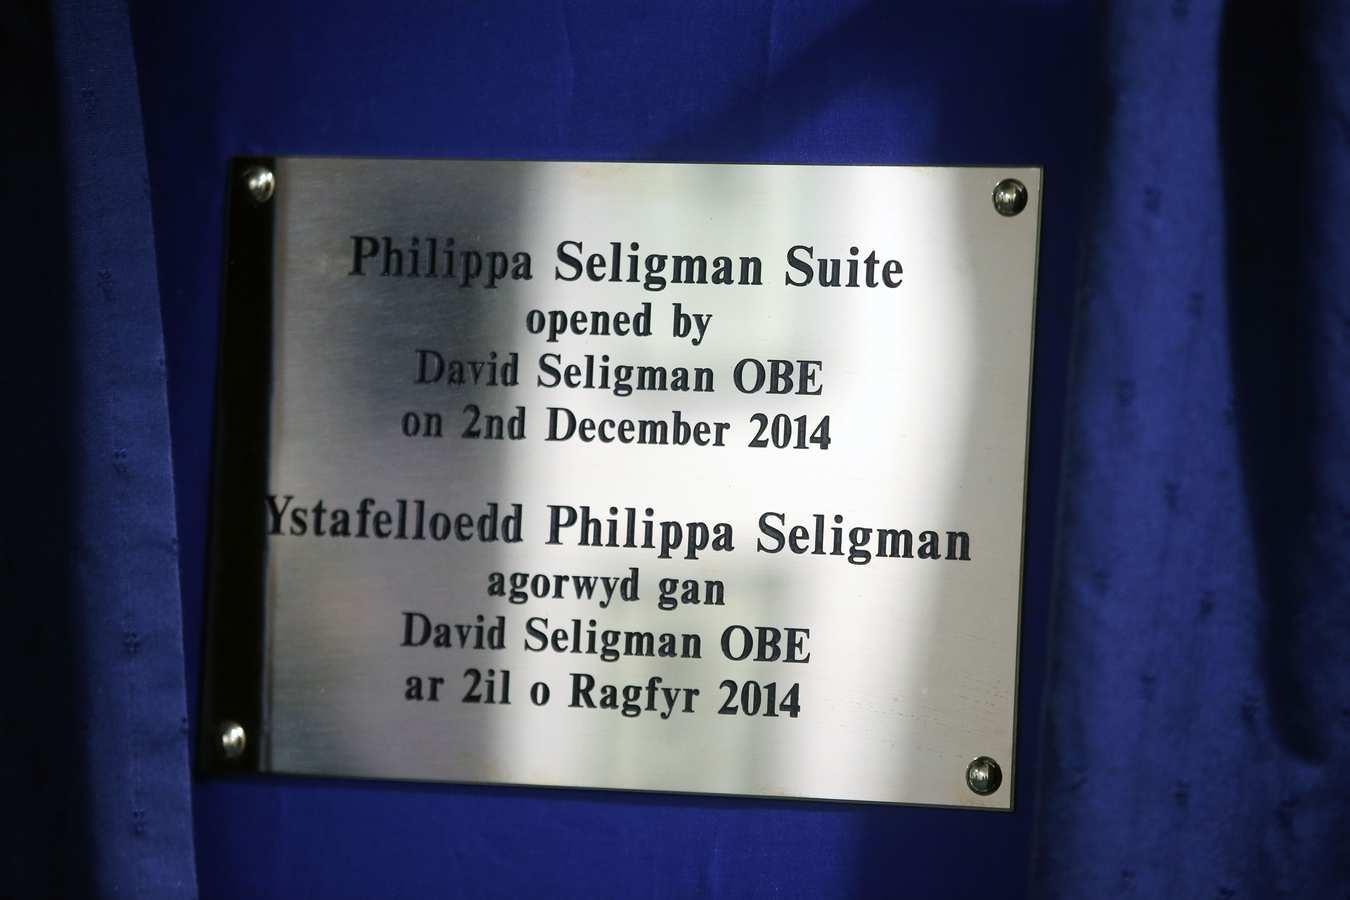 Opening_PhilippaSeligmanSuite_Dec2014 - 7